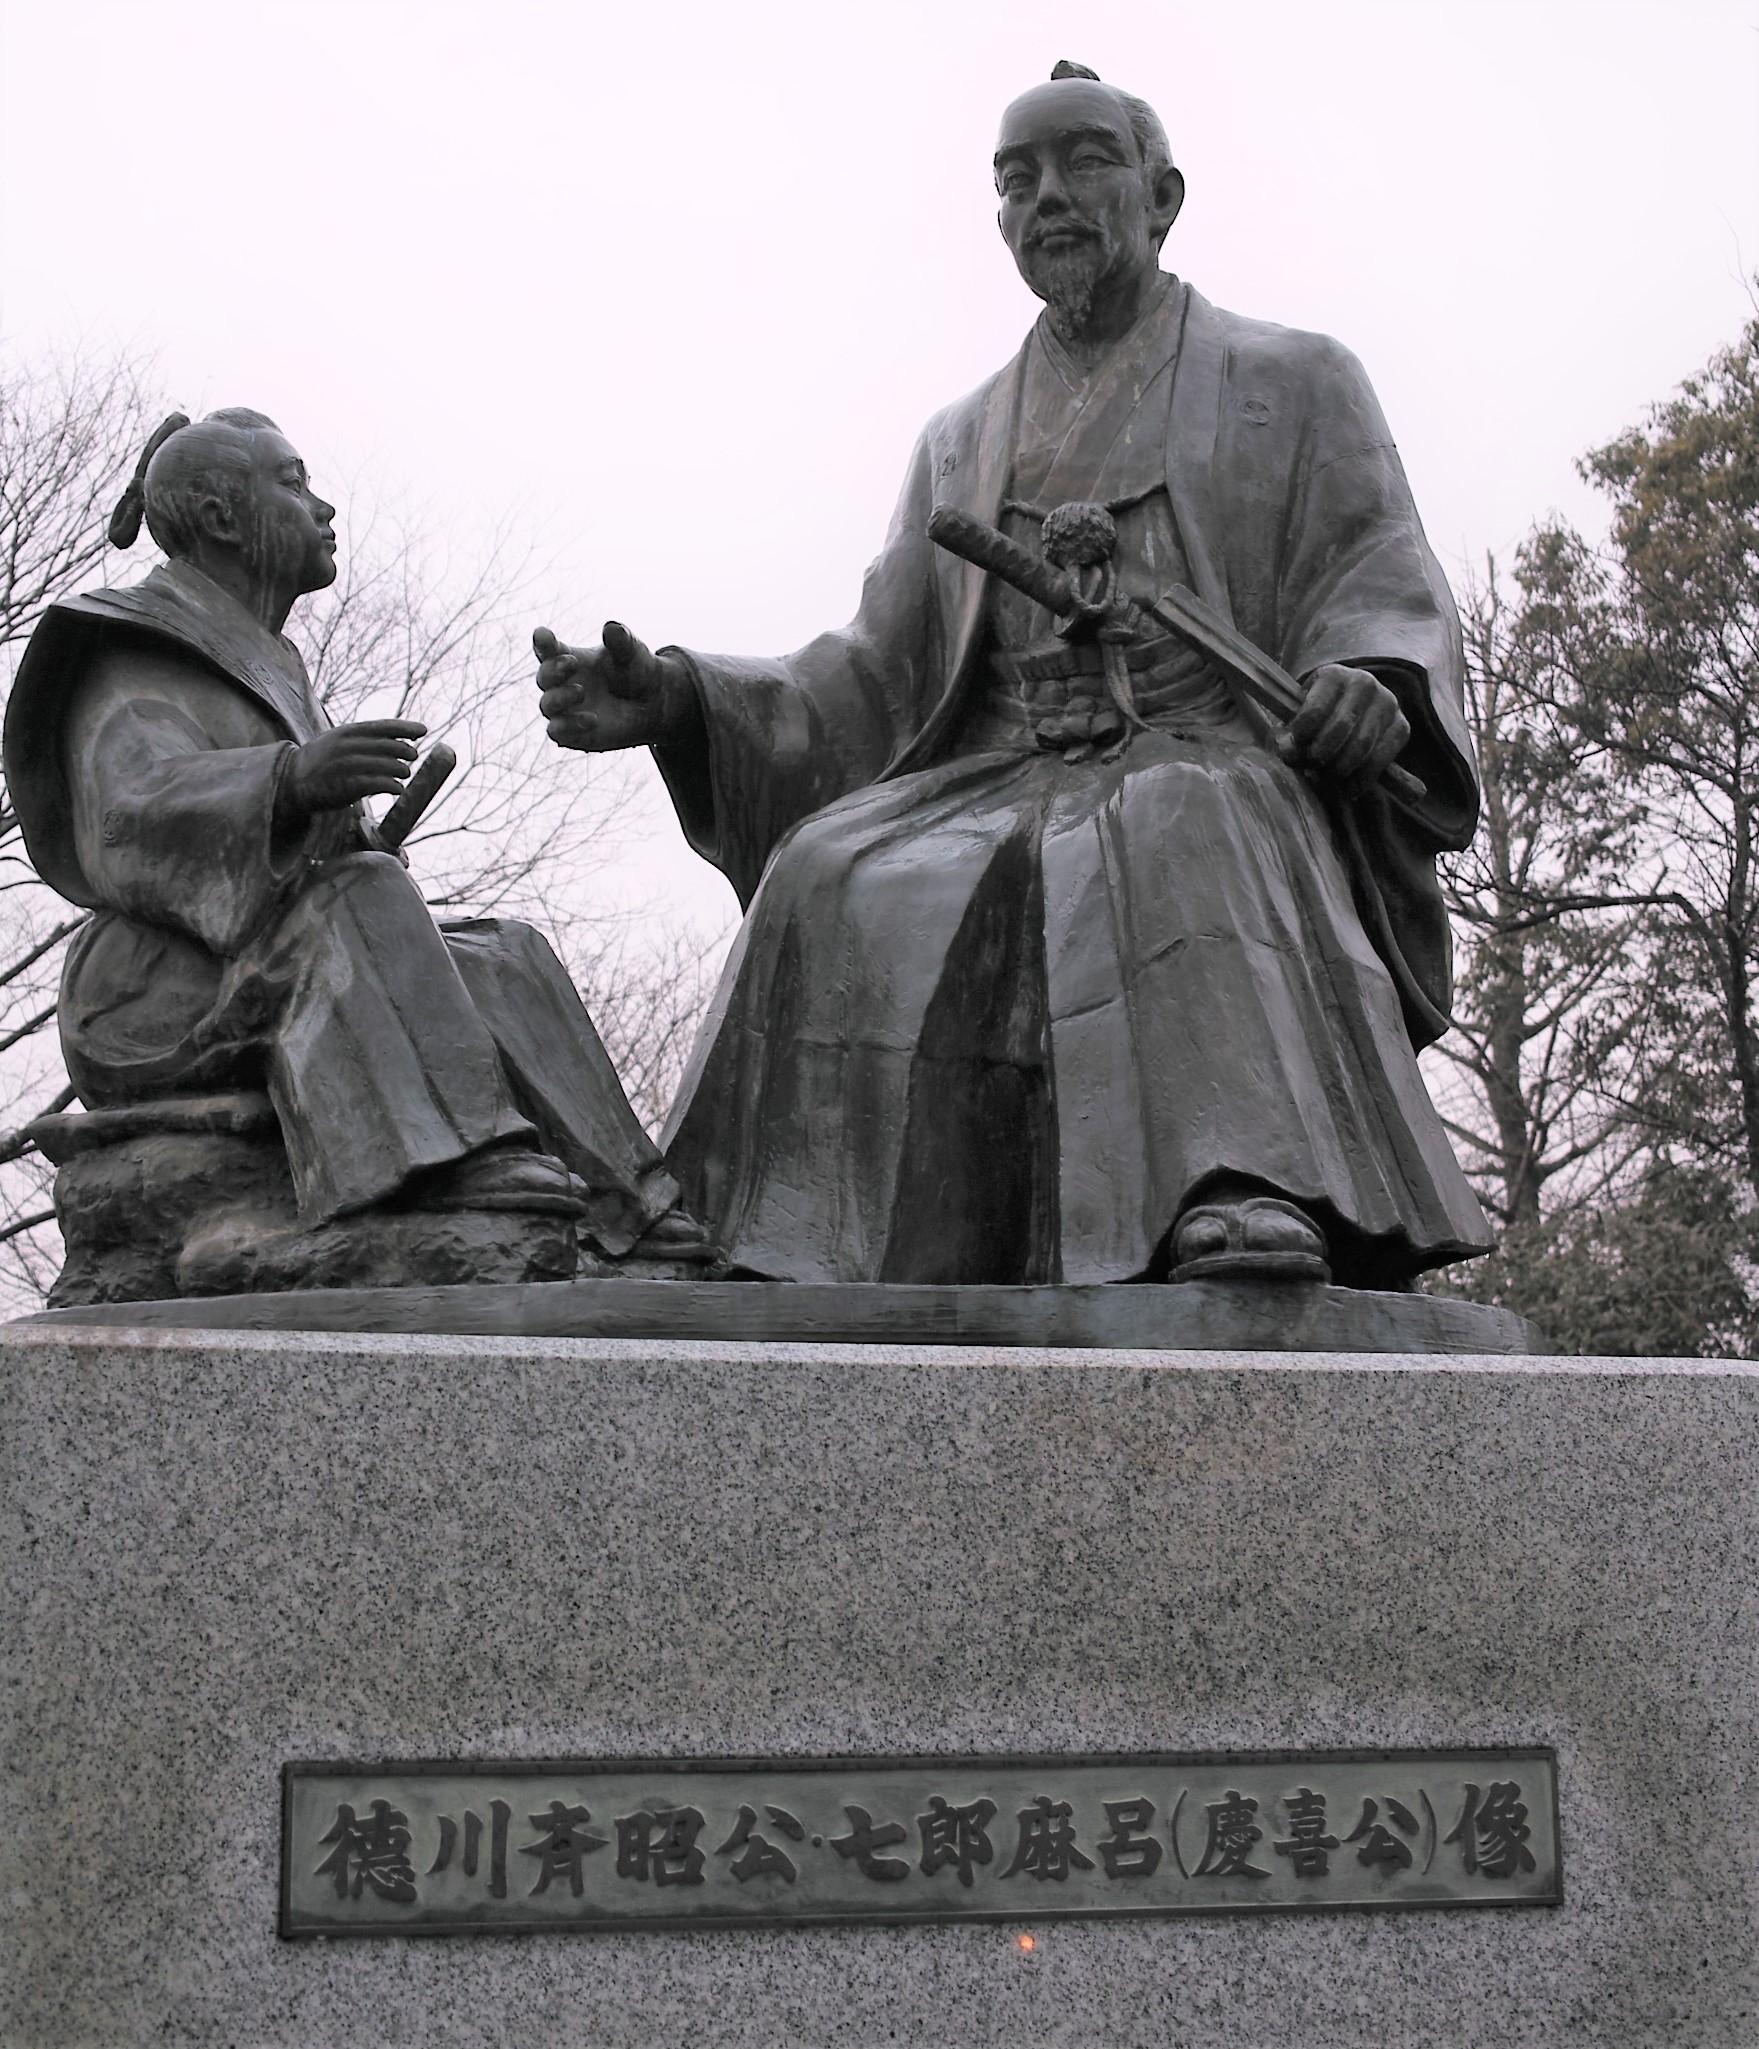 【偕楽園】慶喜の実父,徳川斉昭が作った日本三名園!千波湖には親子の像が建つ